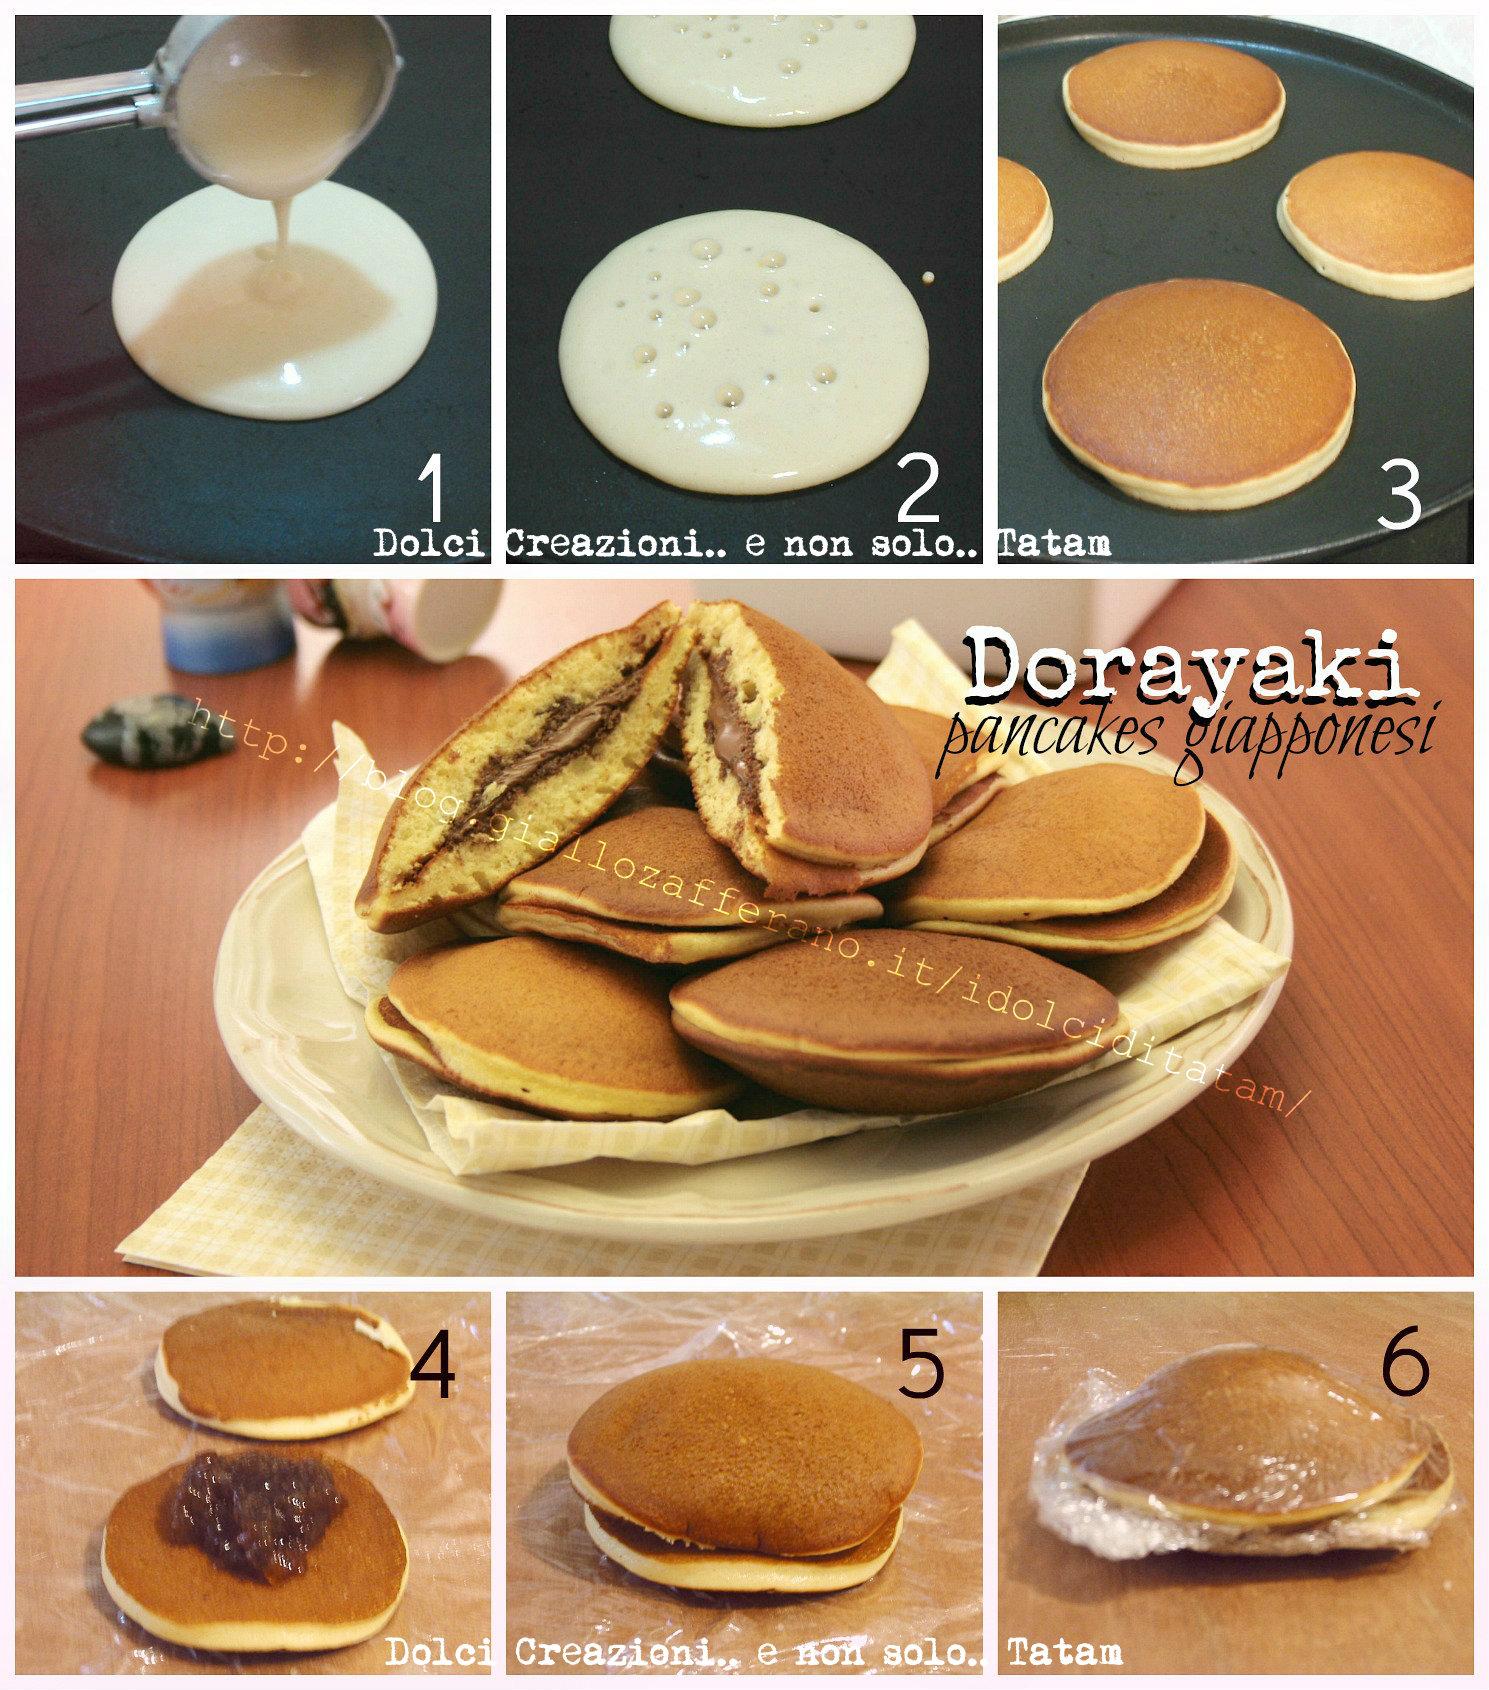 Dorayaki pancakes giapponesi 1aa